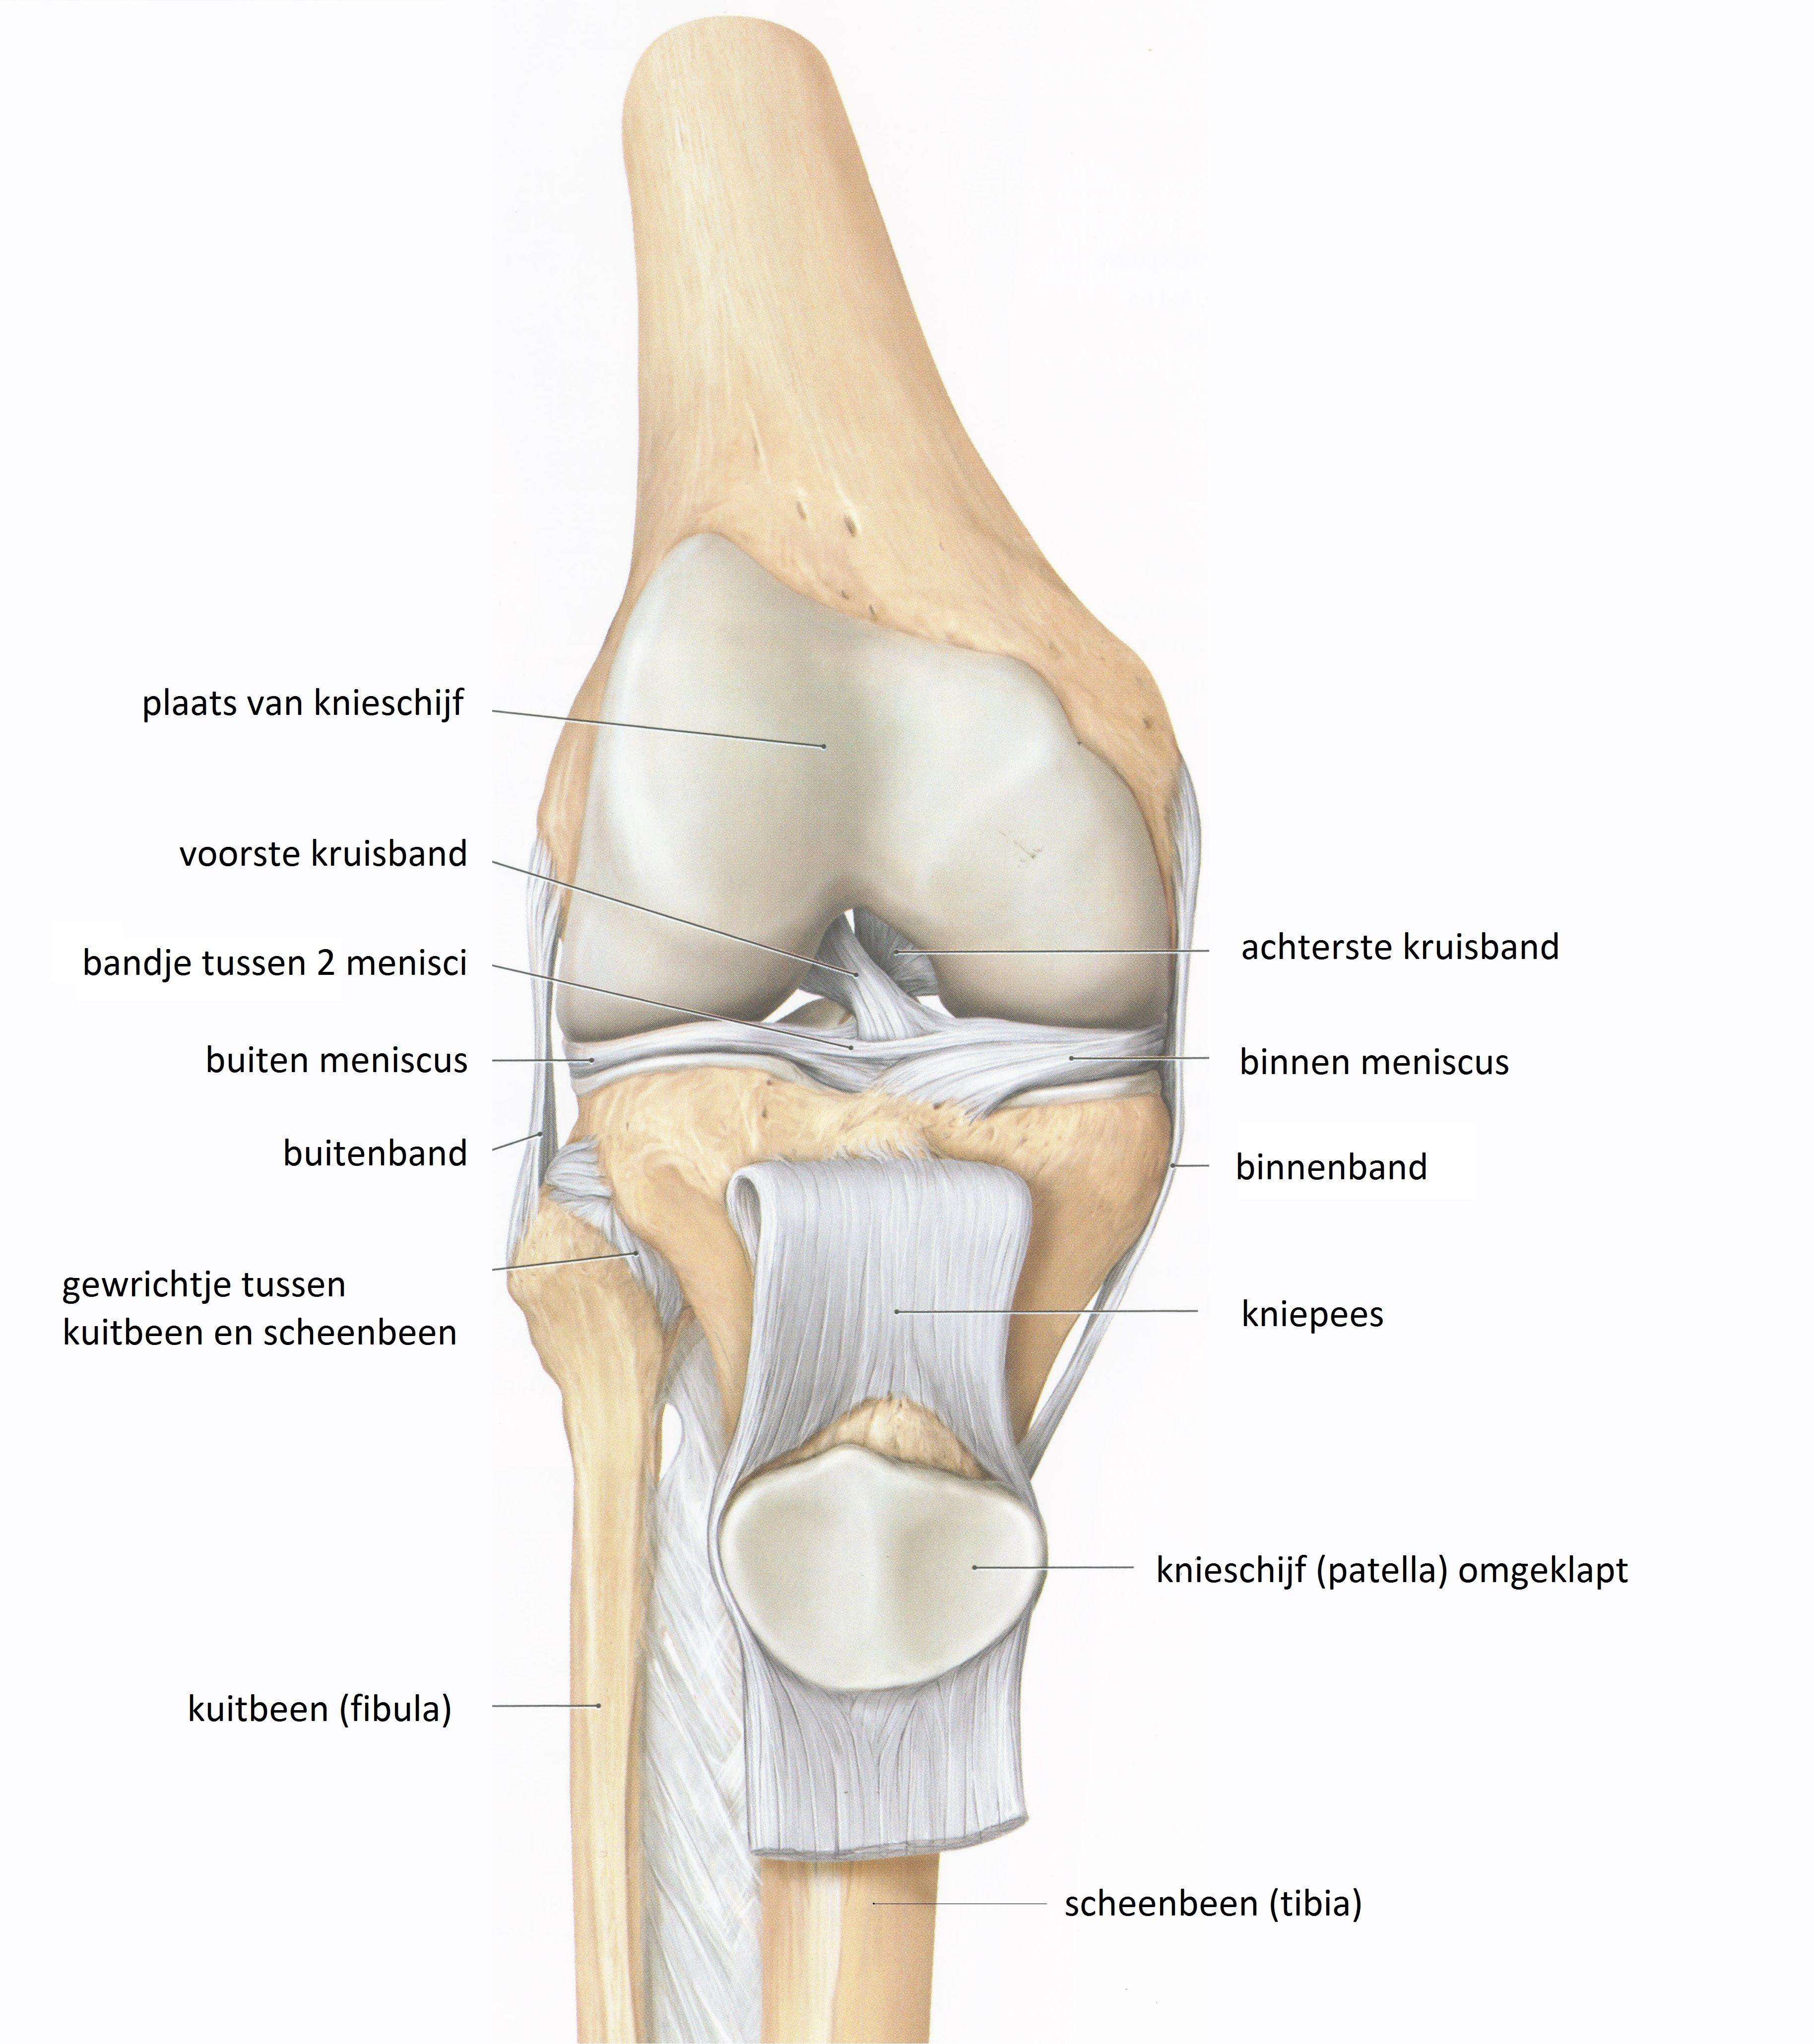 Anatomie van de knie | iDnA stage marktonderzoek | Pinterest